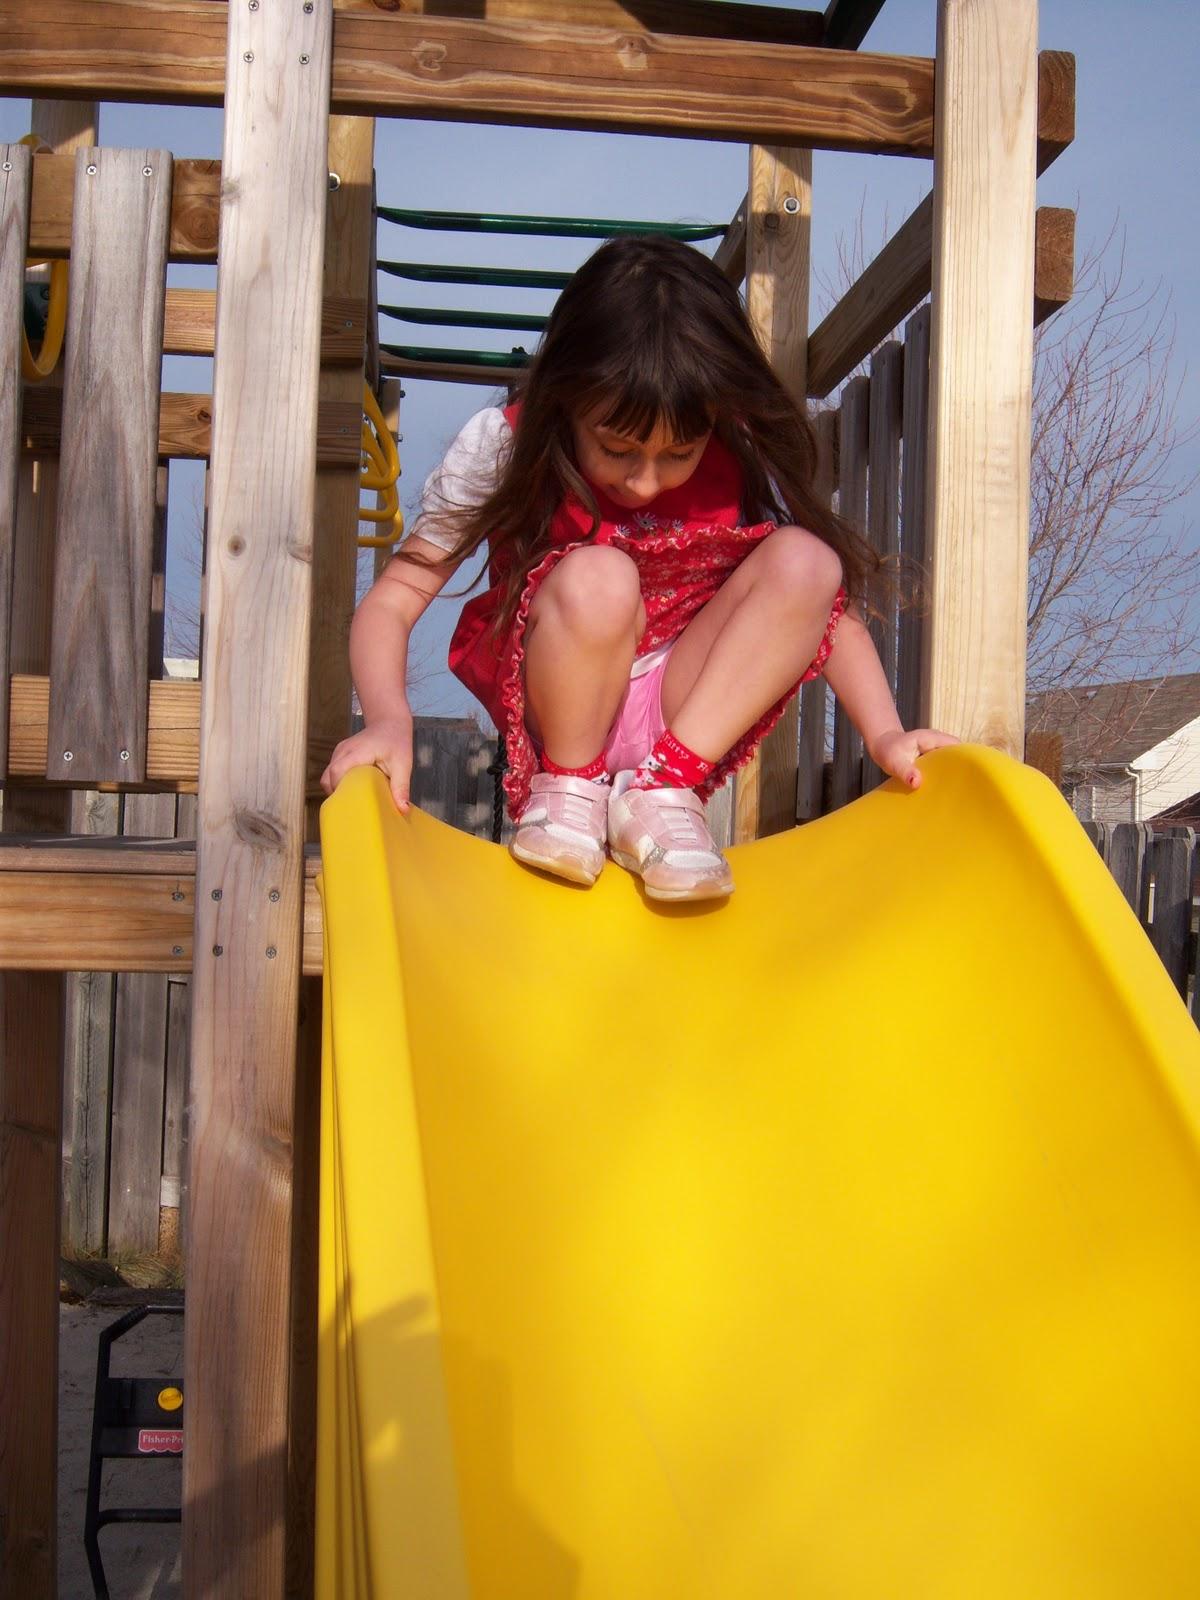 playground Girls panties